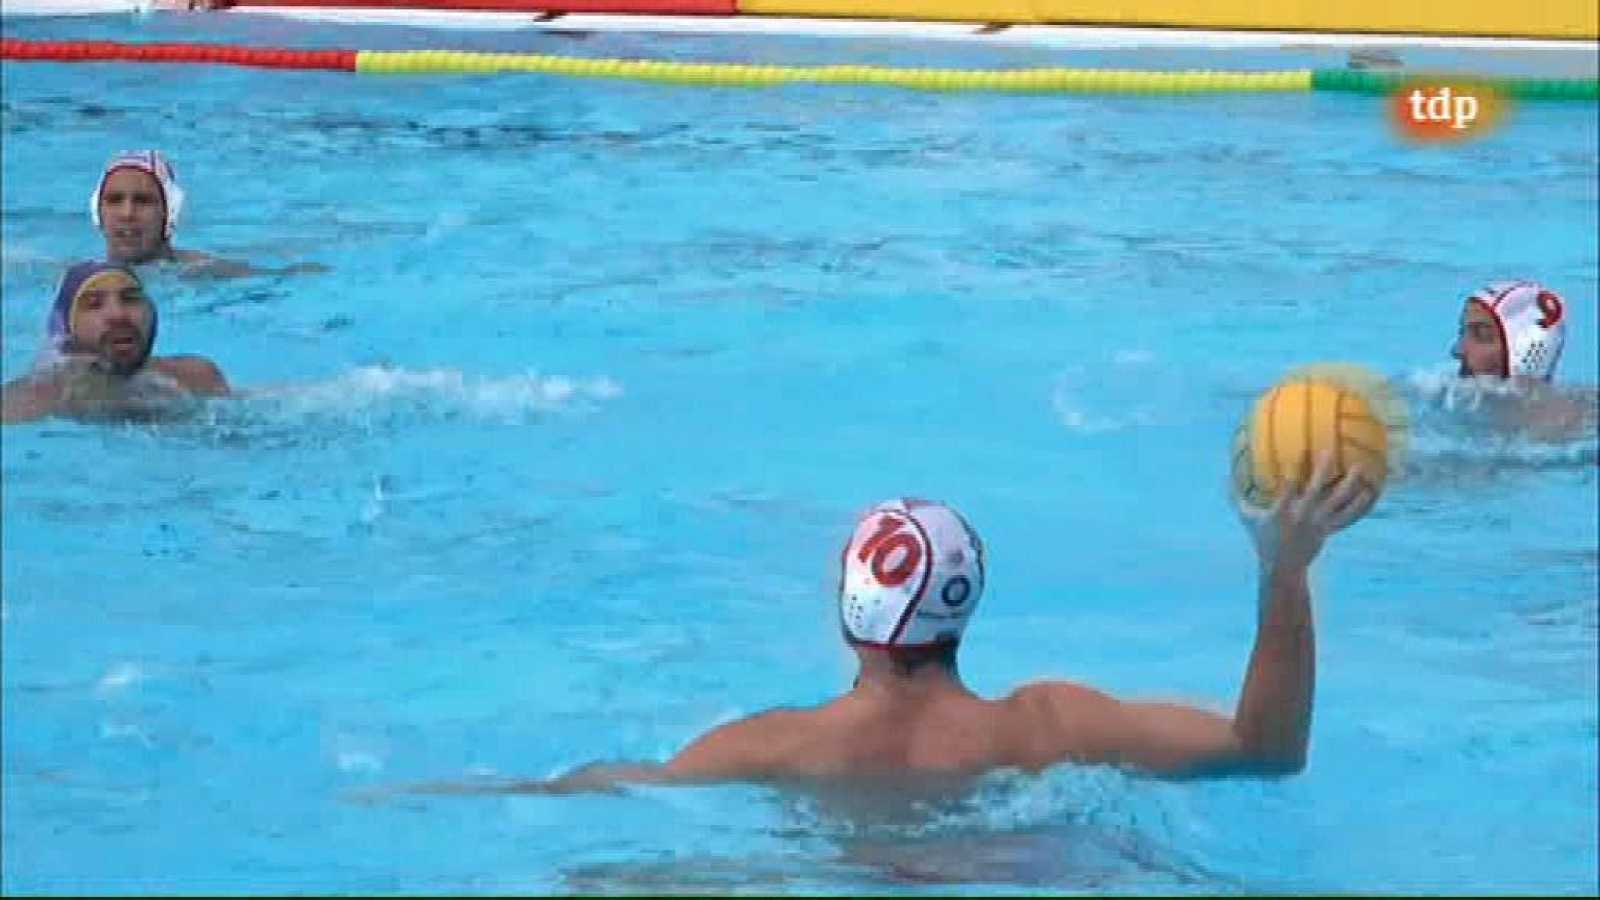 Waterpolo - Copa del Rey. Resumen - ver ahora